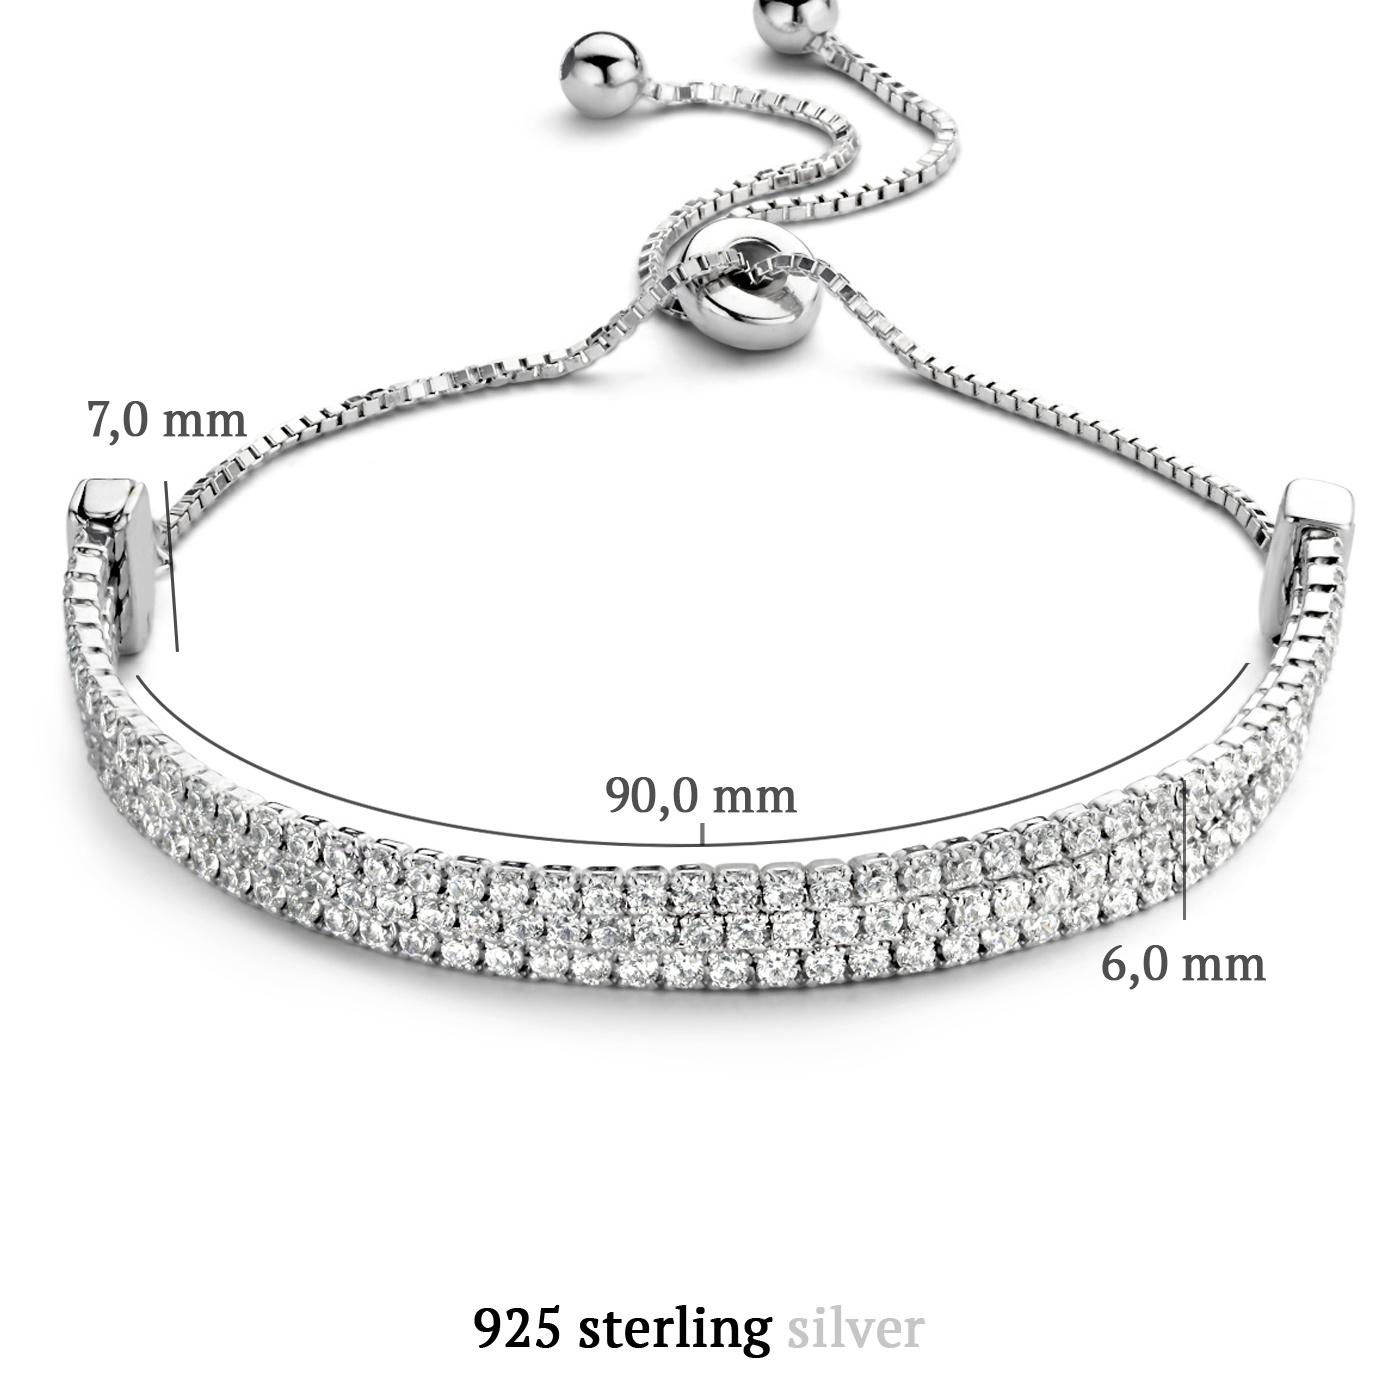 Parte di Me Ponte Vecchio Vasariano 925 sterling zilveren armband met zirkonia